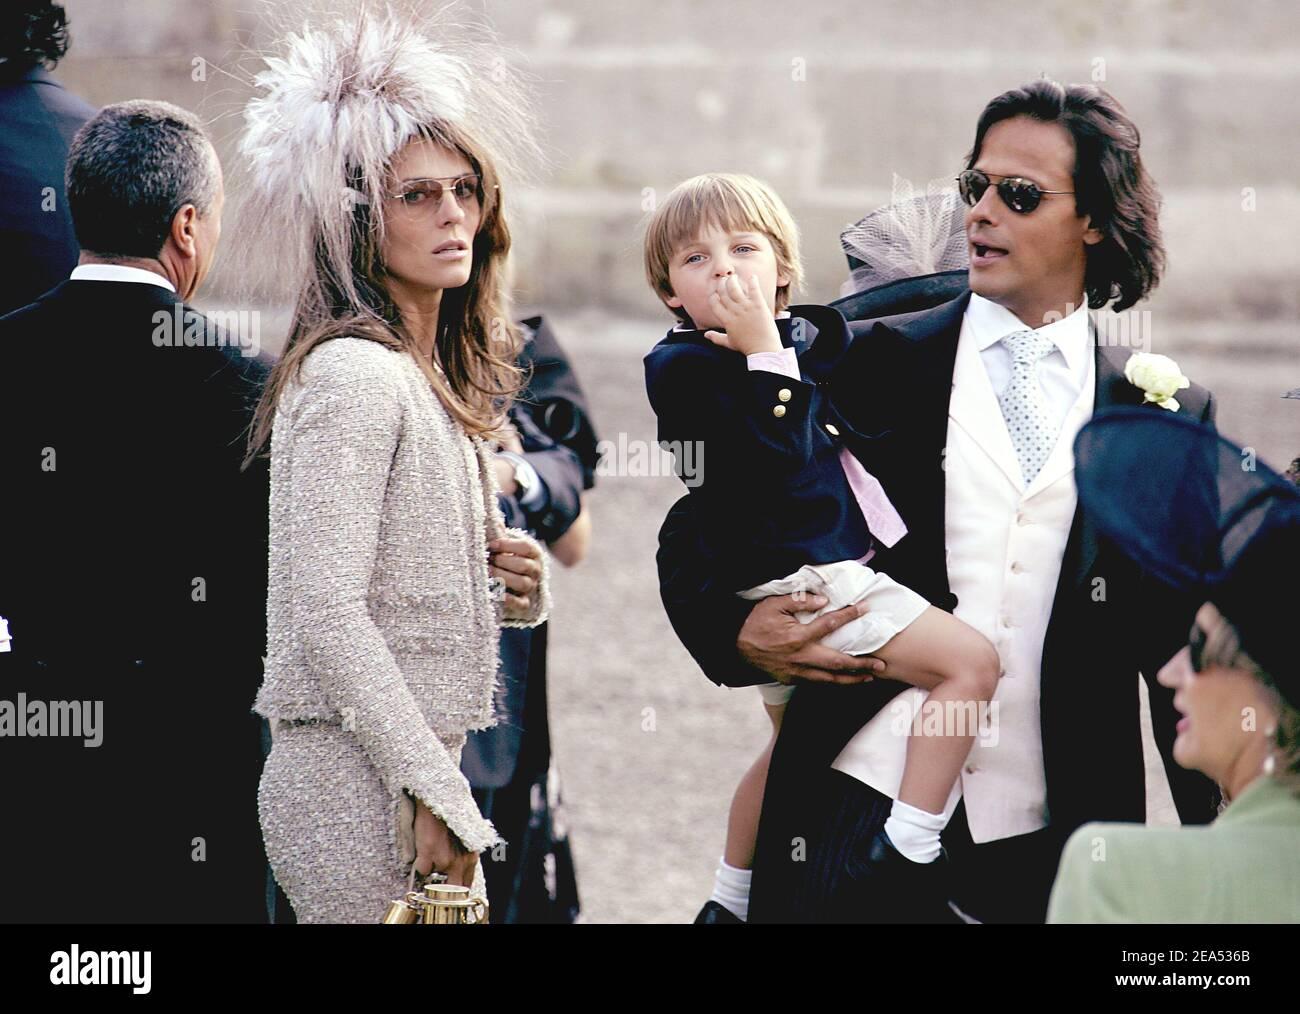 L'attrice e modello britannico Elizabeth Hurley e il suo fidanzato Arun  Nayar con suo figlio Damian partecipano al matrimonio di Delphine Arnault e  Alessandro Gancia a Bazas, nel sud-ovest della Francia, il